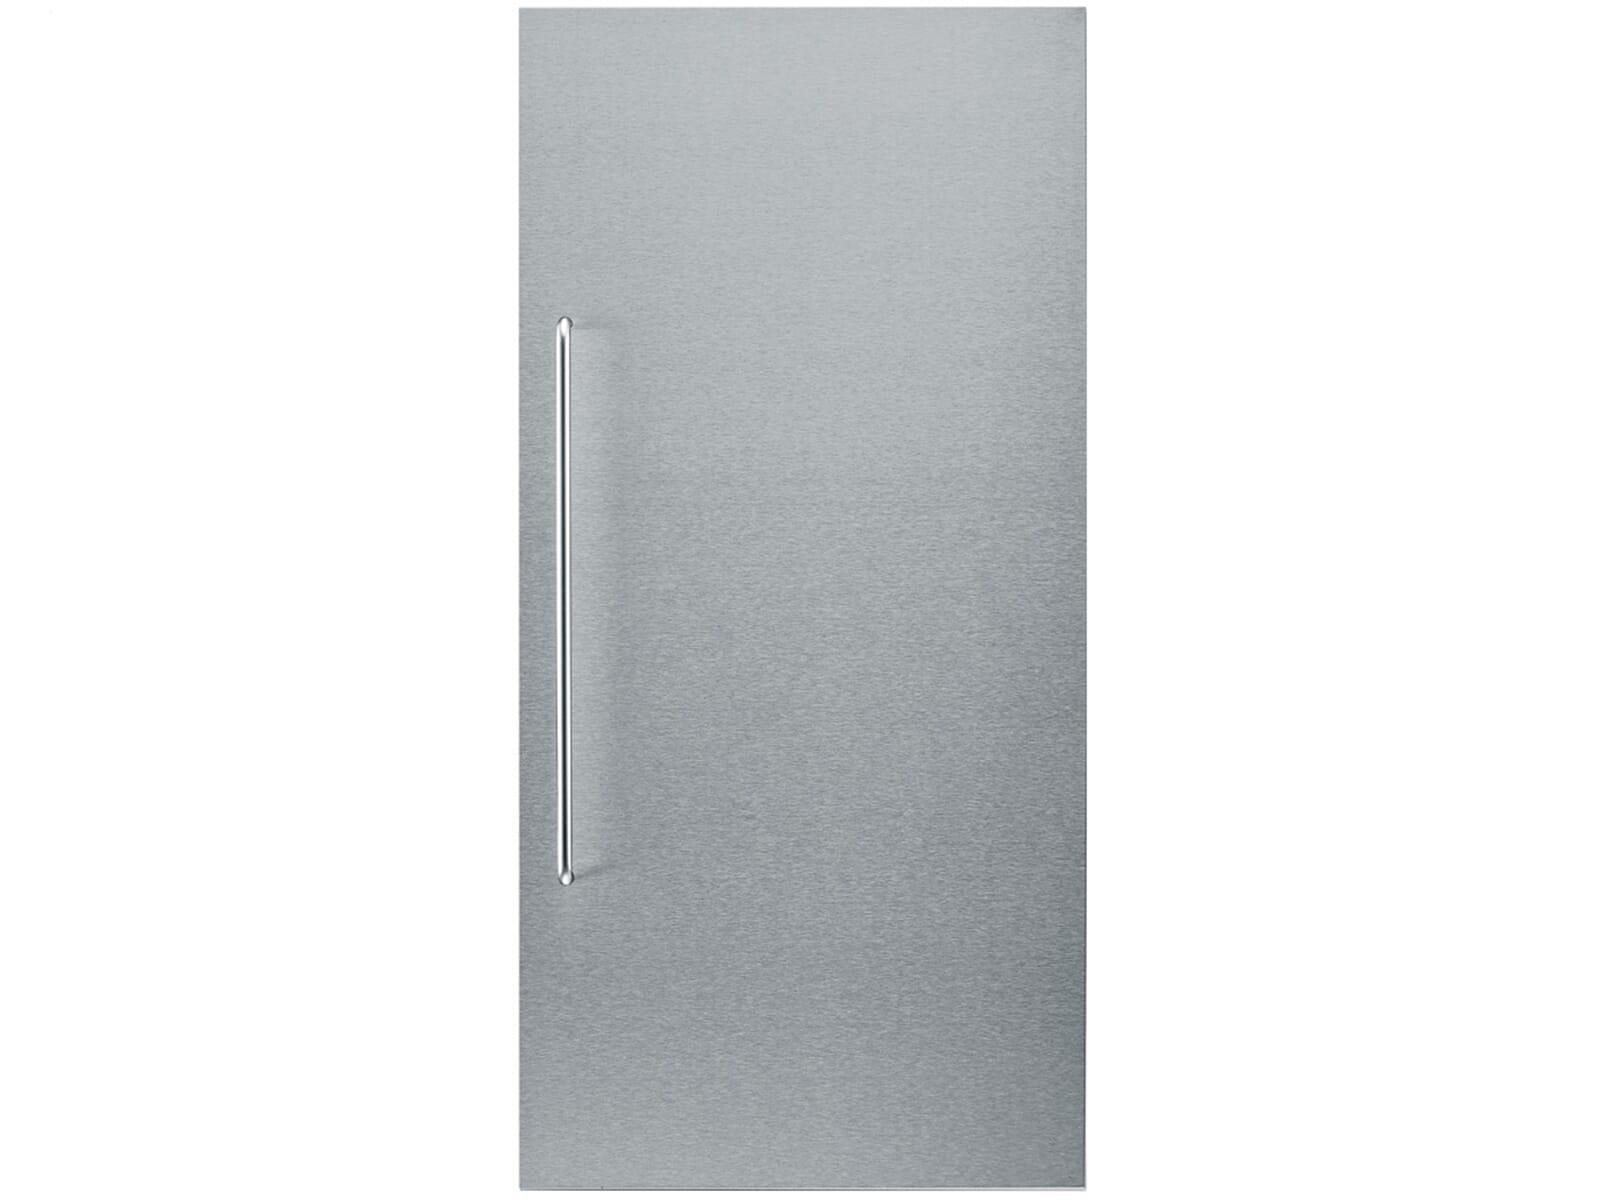 Siemens Kühlschrank 70 Cm : Kühlschrank cm hoch einfache einbauküche gratis abzugeben